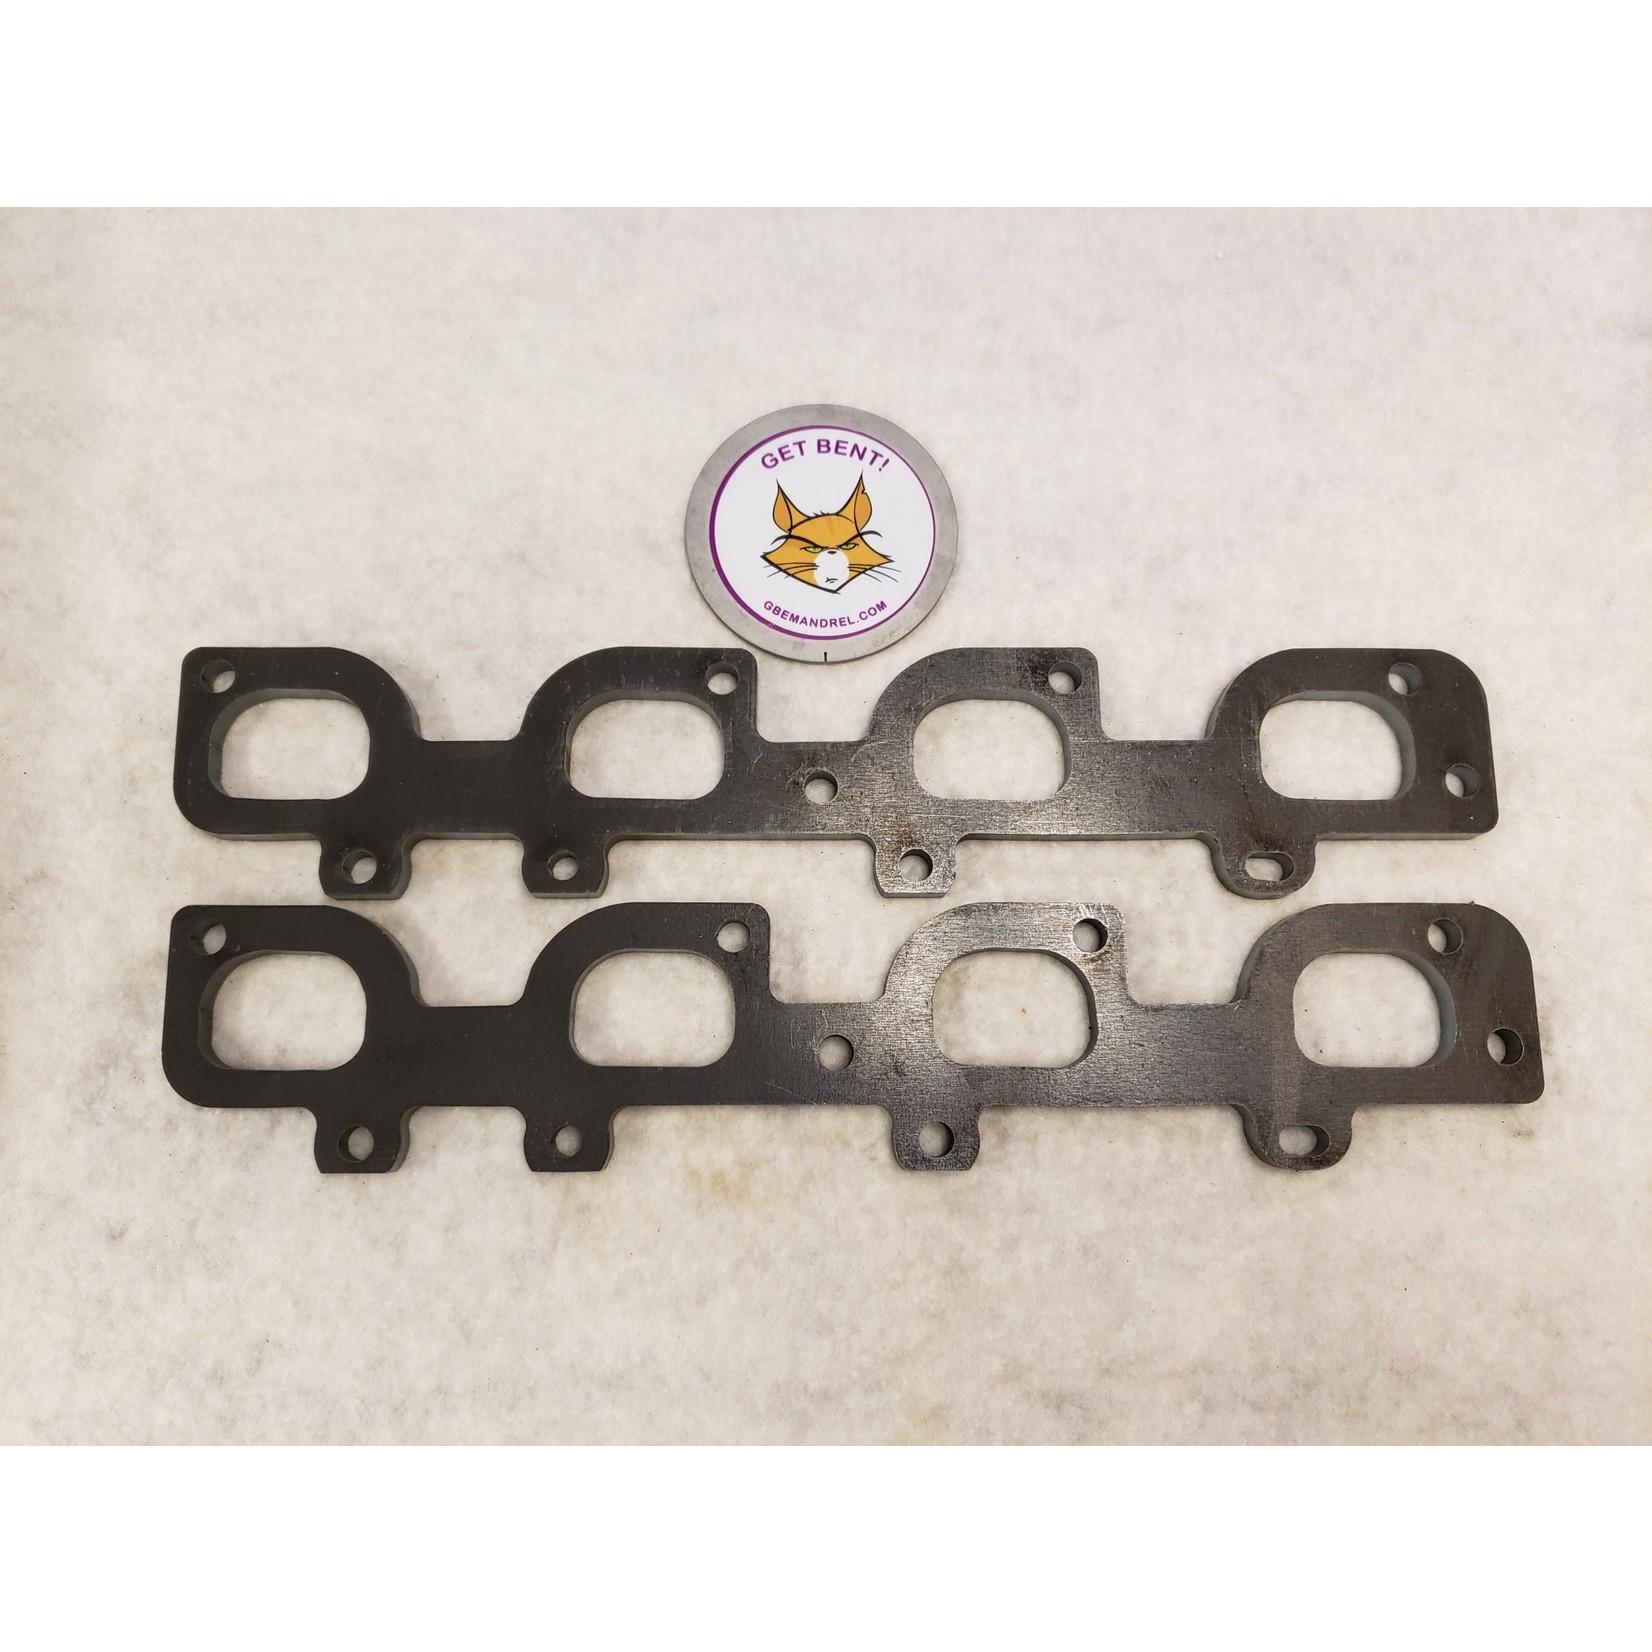 GBE MOPAR 6.1L, 6.2L, 6.4L STEEL HEADER FLANGES